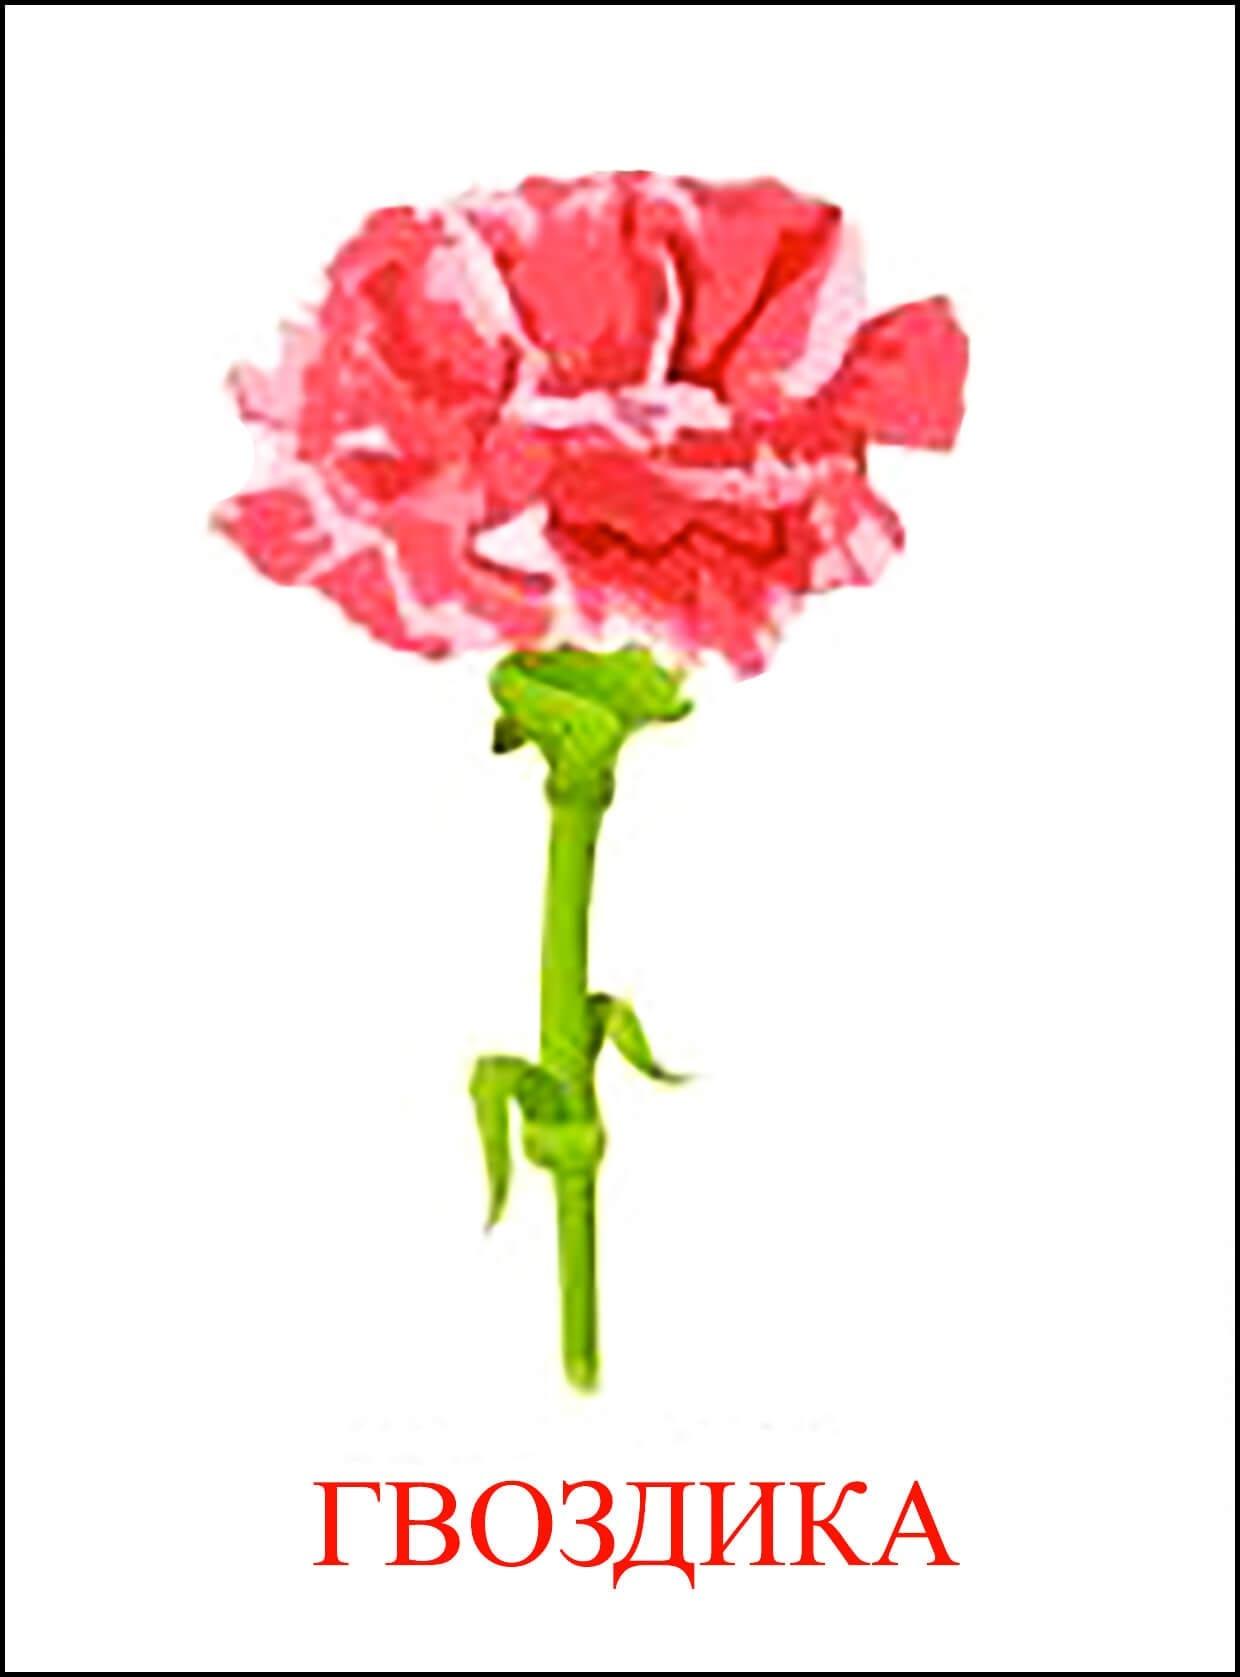 Картинки цветка гвоздика для детей